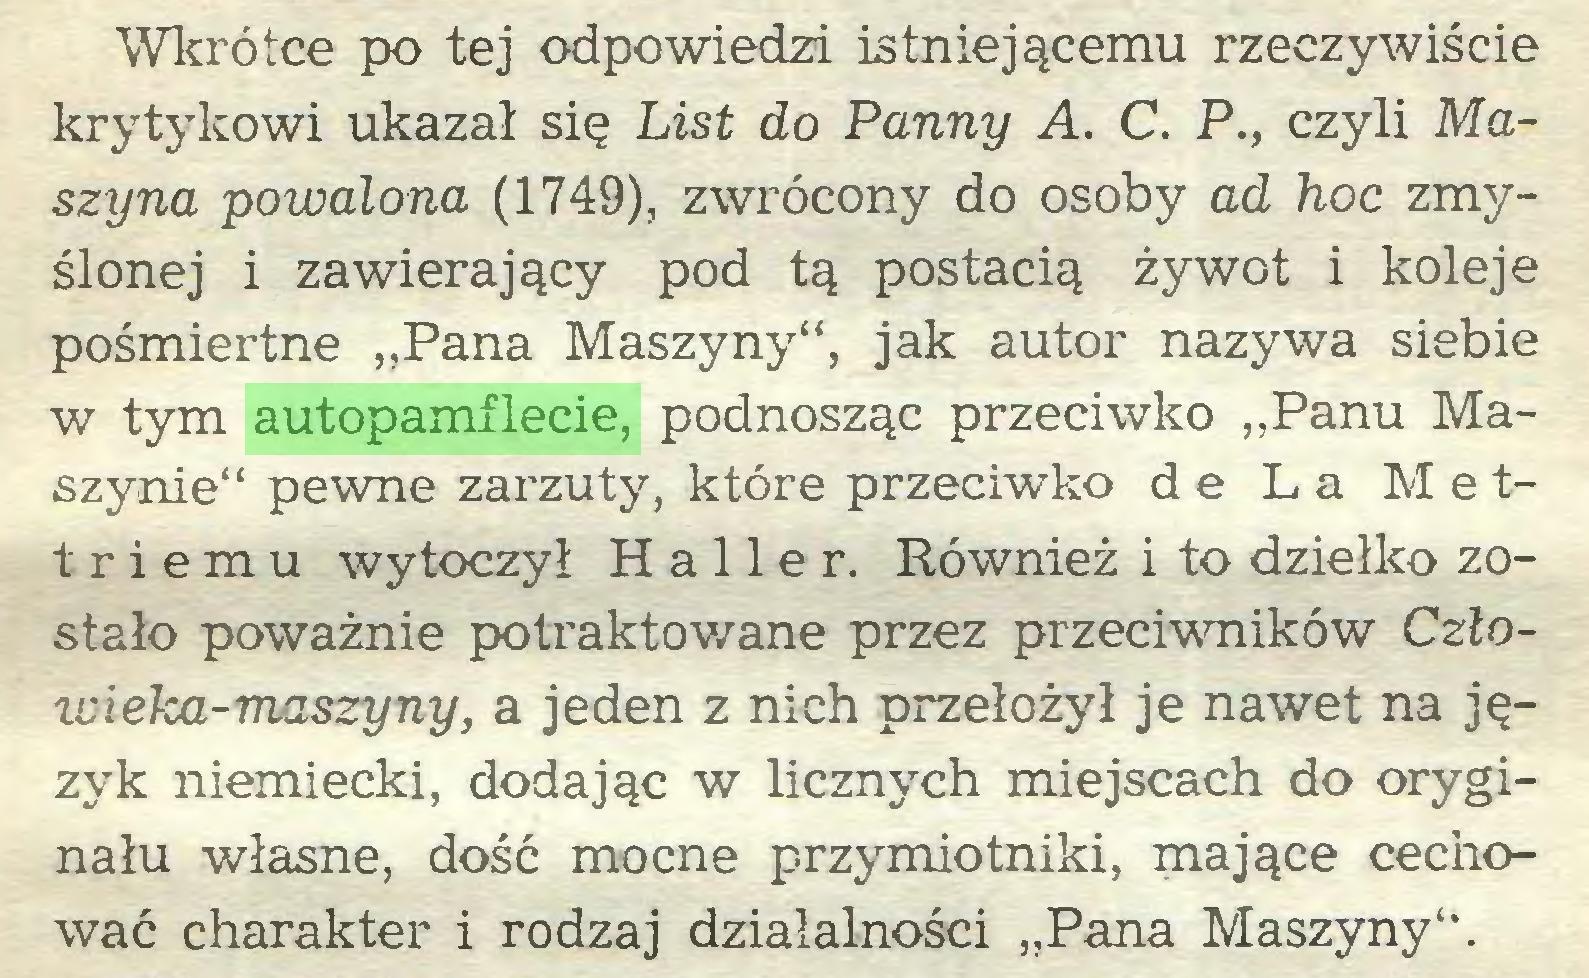 """(...) Wkrótce po tej odpowiedzi istniejącemu rzeczywiście krytykowi ukazał się List do Panny A. C. P., czyli Maszyna powalona (1749), zwrócony do osoby ad hoc zmyślonej i zawierający pod tą postacią żywot i koleje pośmiertne """"Pana Maszyny"""", jak autor nazywa siebie w tym autopamflecie, podnosząc przeciwko """"Panu Maszynie"""" pewne zarzuty, które przeciwko de La Mettriemu wytoczył Haller. Również i to dziełko zostało poważnie potraktowane przez przeciwników Człowieka-maszyny, a jeden z nich przełożył je nawet na język niemiecki, dodając w licznych miejscach do oryginału własne, dość mocne przymiotniki, mające cechować charakter i rodzaj działalności """"Pana Maszyny""""..."""